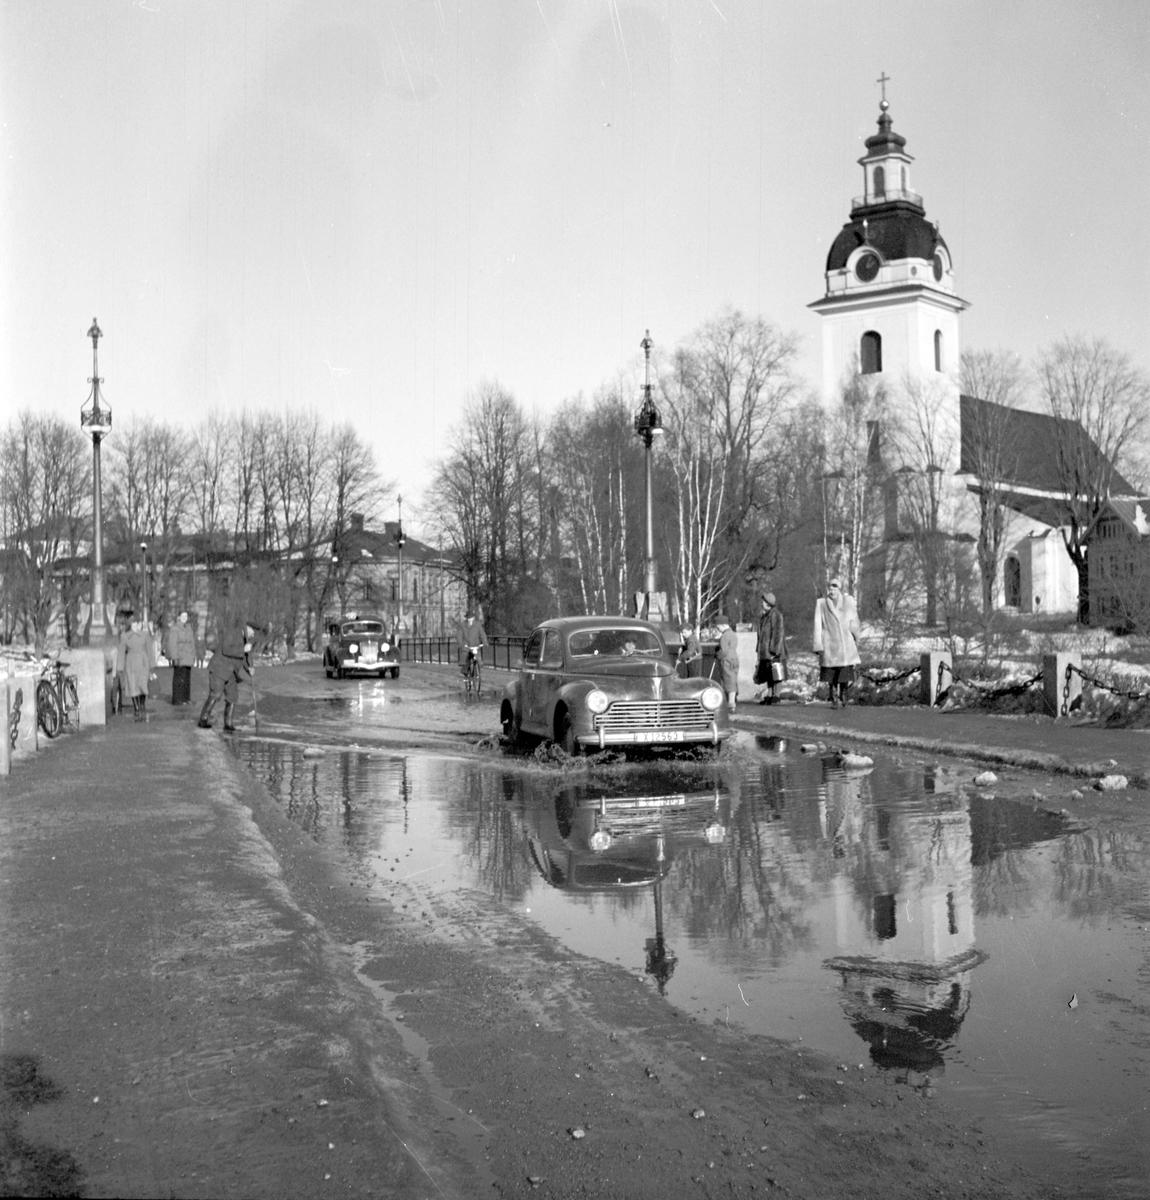 Vårreportage. Bil på Drottningbron, Heliga Trefaldighetskyrkan, översvämning. Den 3 mars 1950